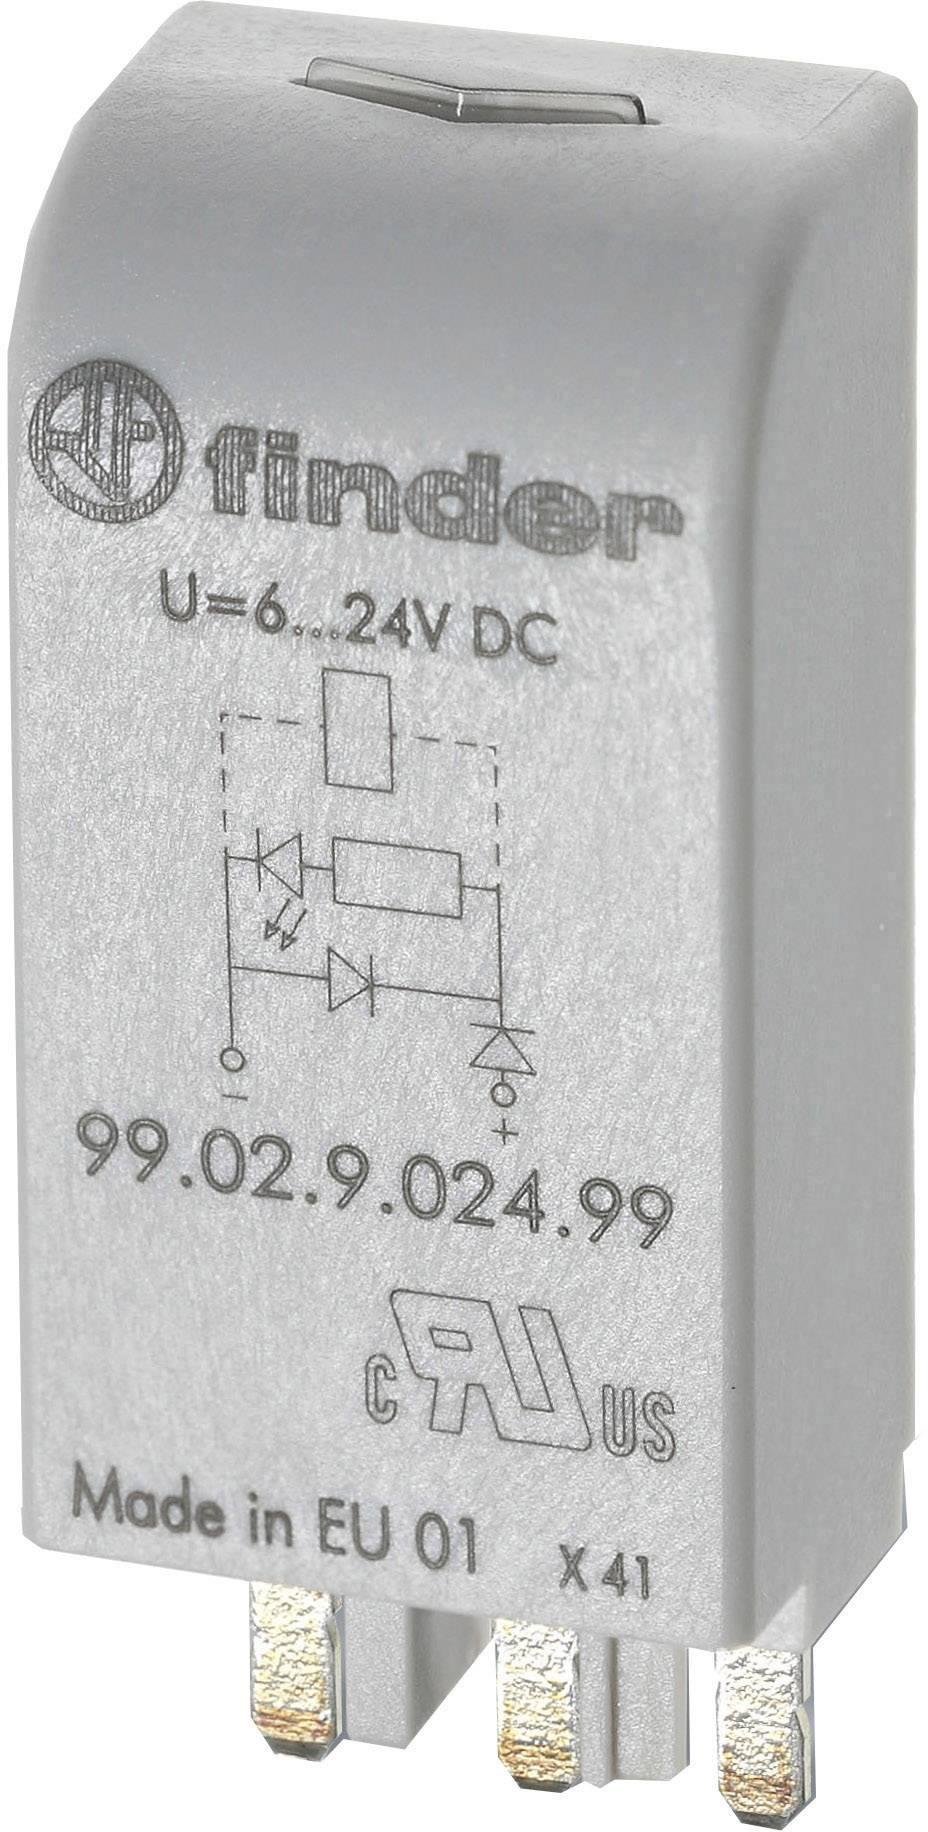 Odrušovací modul Finder 99.02.0.024.98, 6 - 24 V